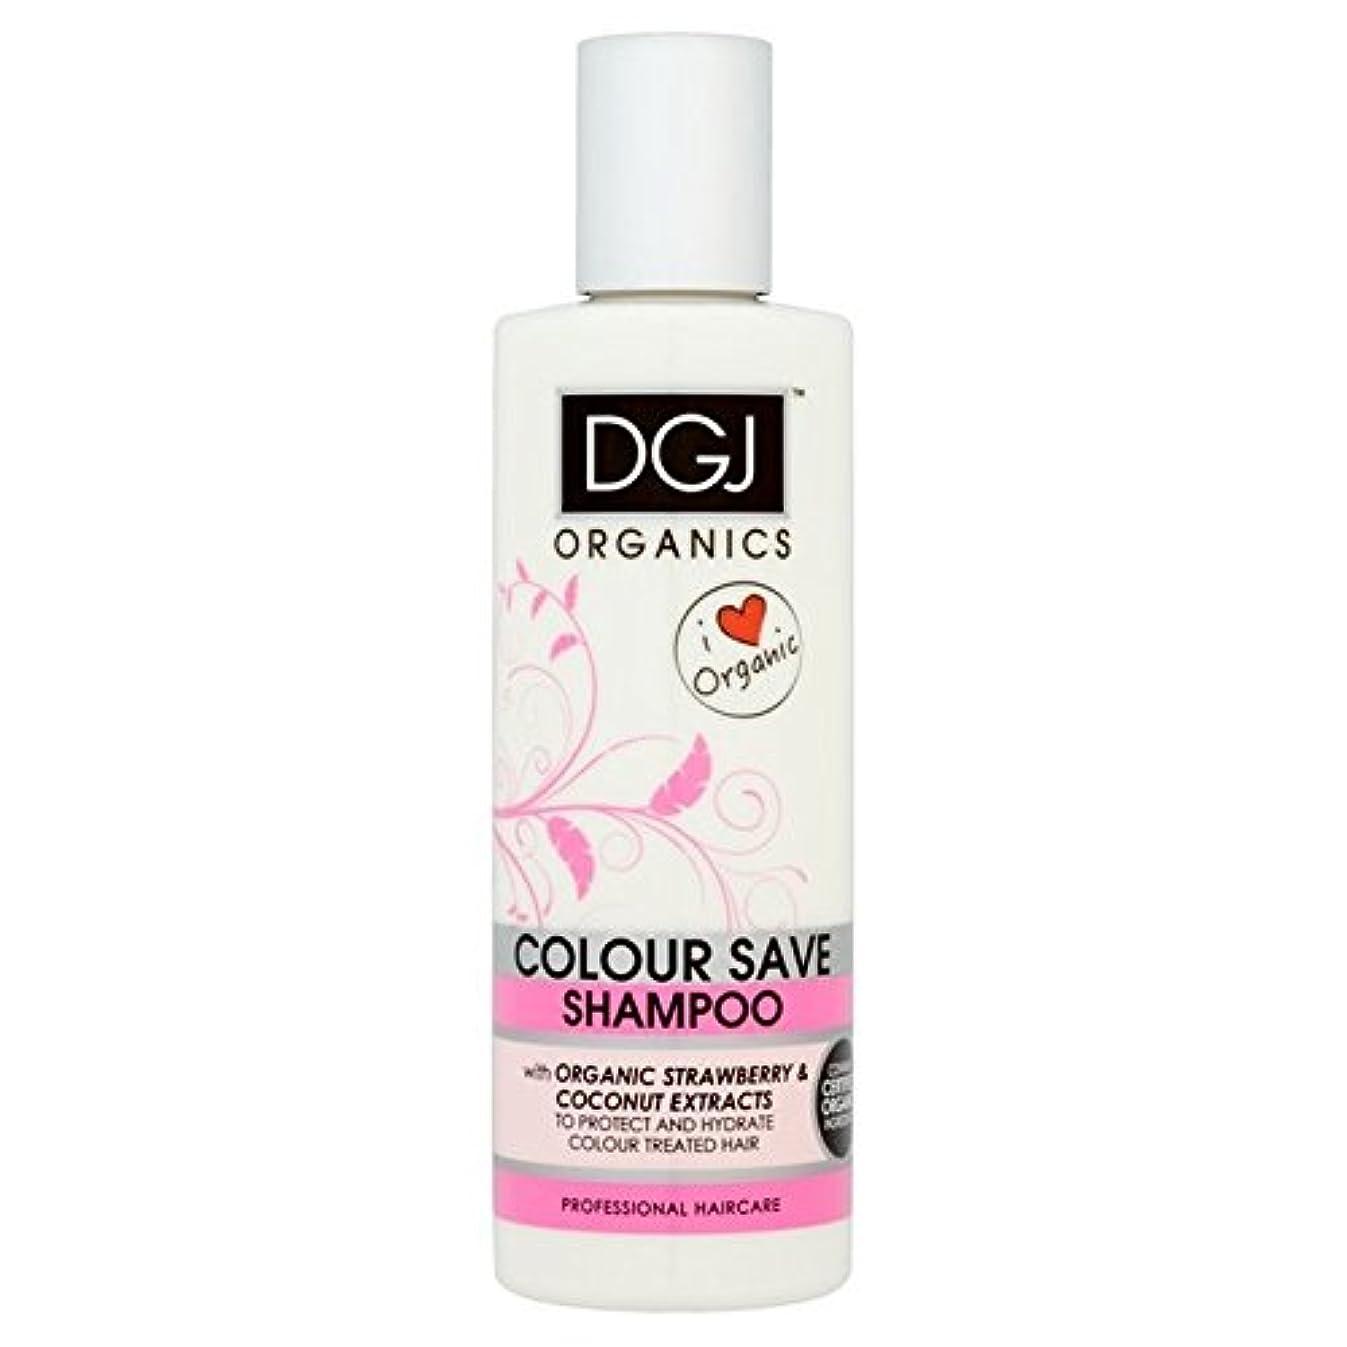 居心地の良い債務なぜなら有機物の色シャンプー250ミリリットルを保存 x2 - DGJ Organics Colour Save Shampoo 250ml (Pack of 2) [並行輸入品]